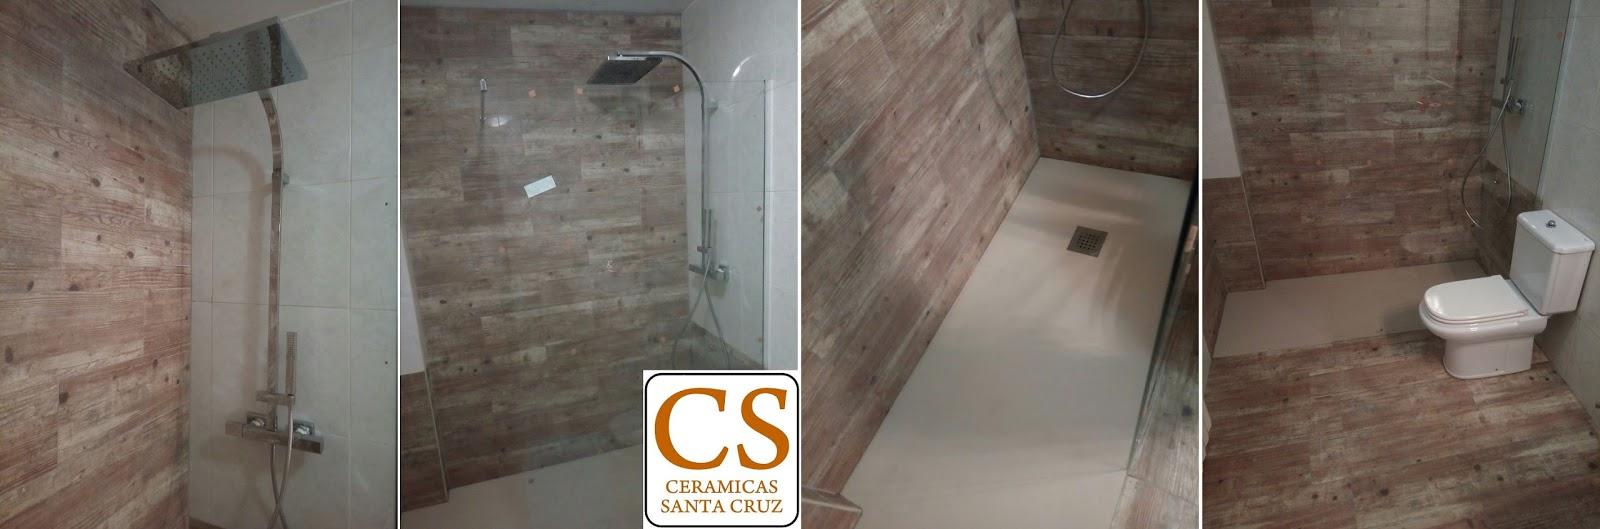 CERAMICAS SANTA CRUZ: Reforma de cuarto de baño con baldosas y ...